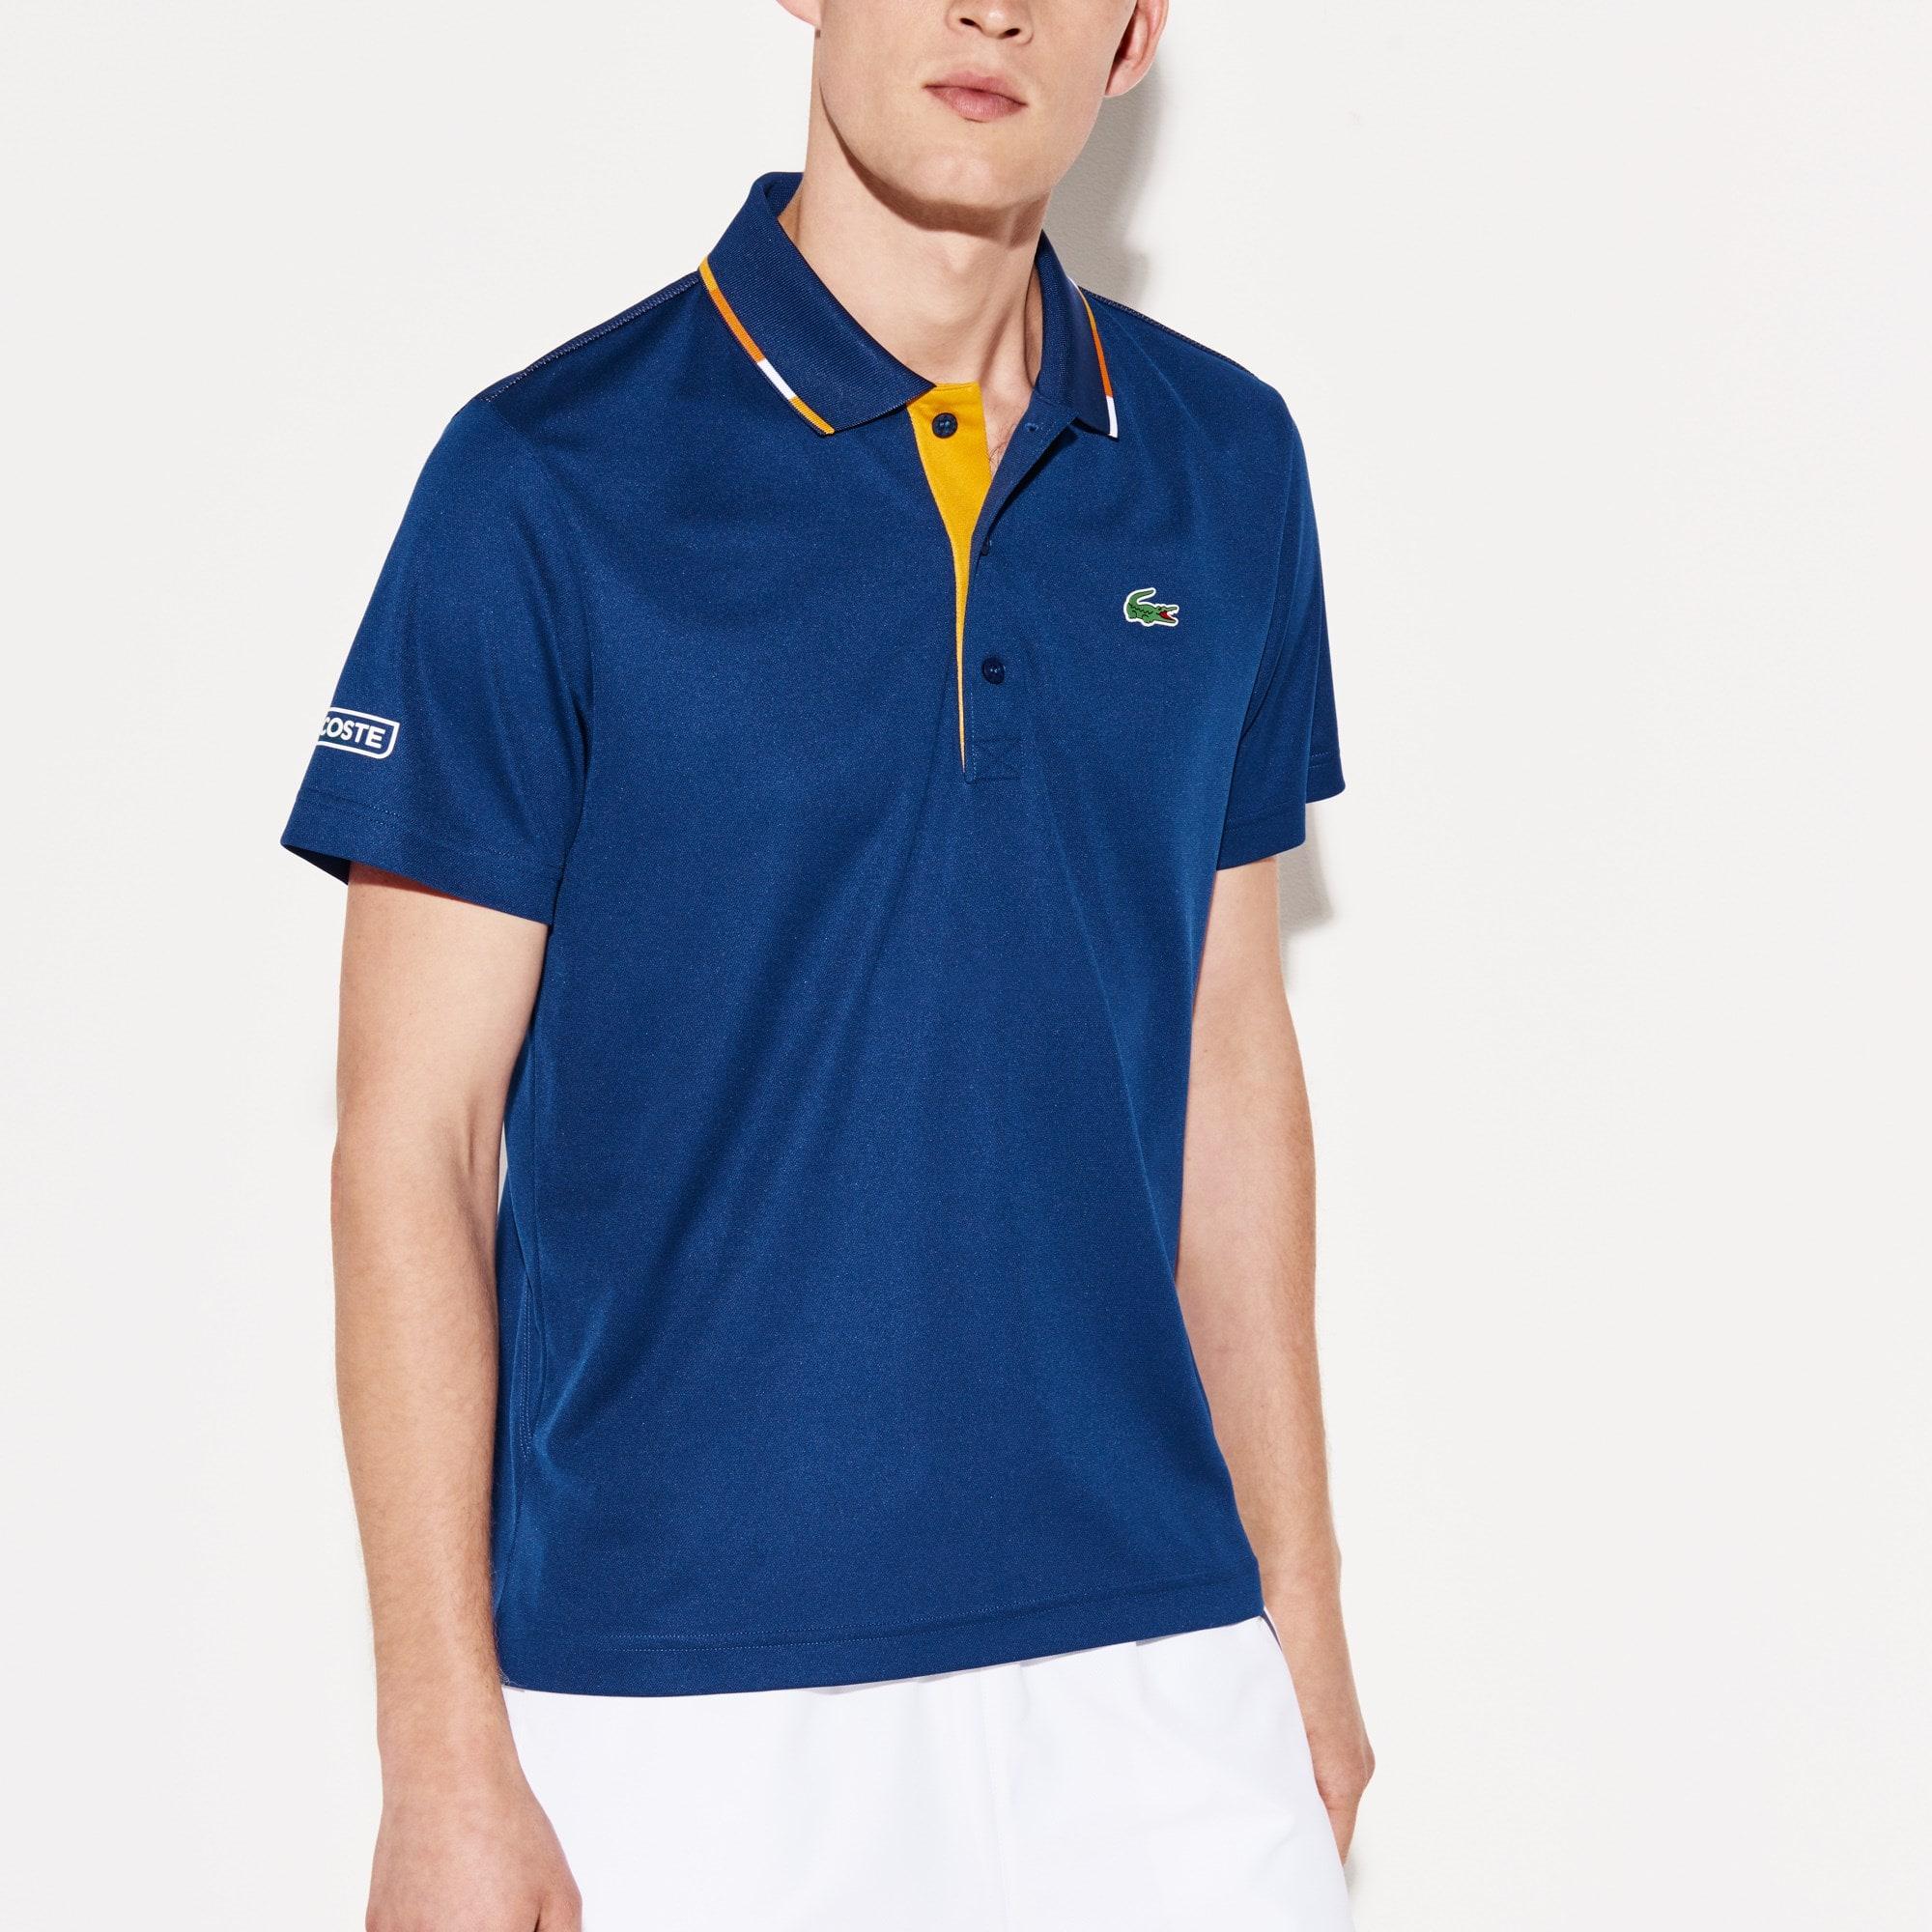 Men's Lacoste SPORT Piped Technical Piqué Tennis Polo